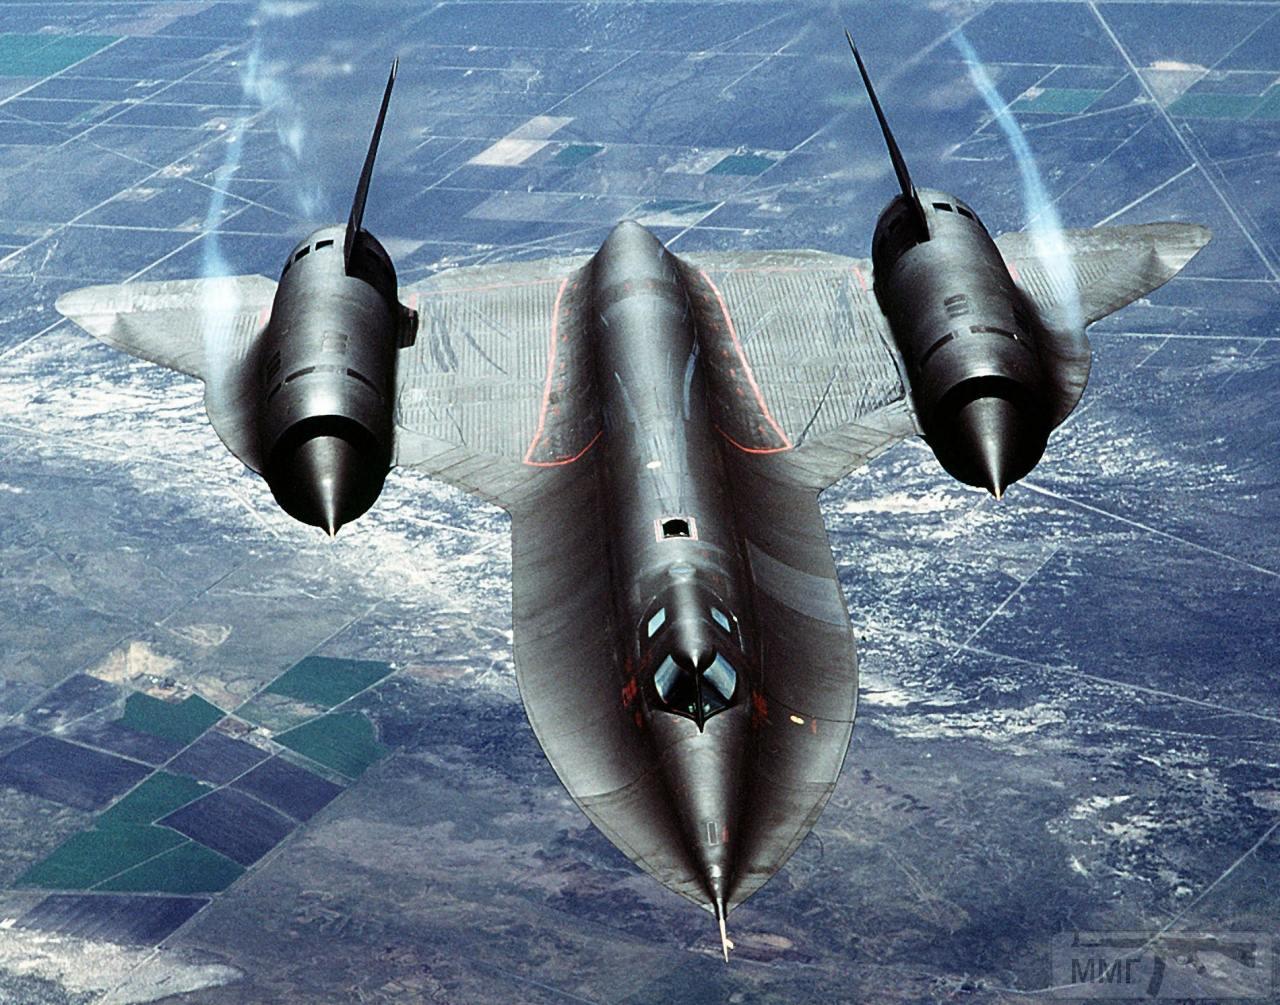 27209 - Красивые фото и видео боевых самолетов